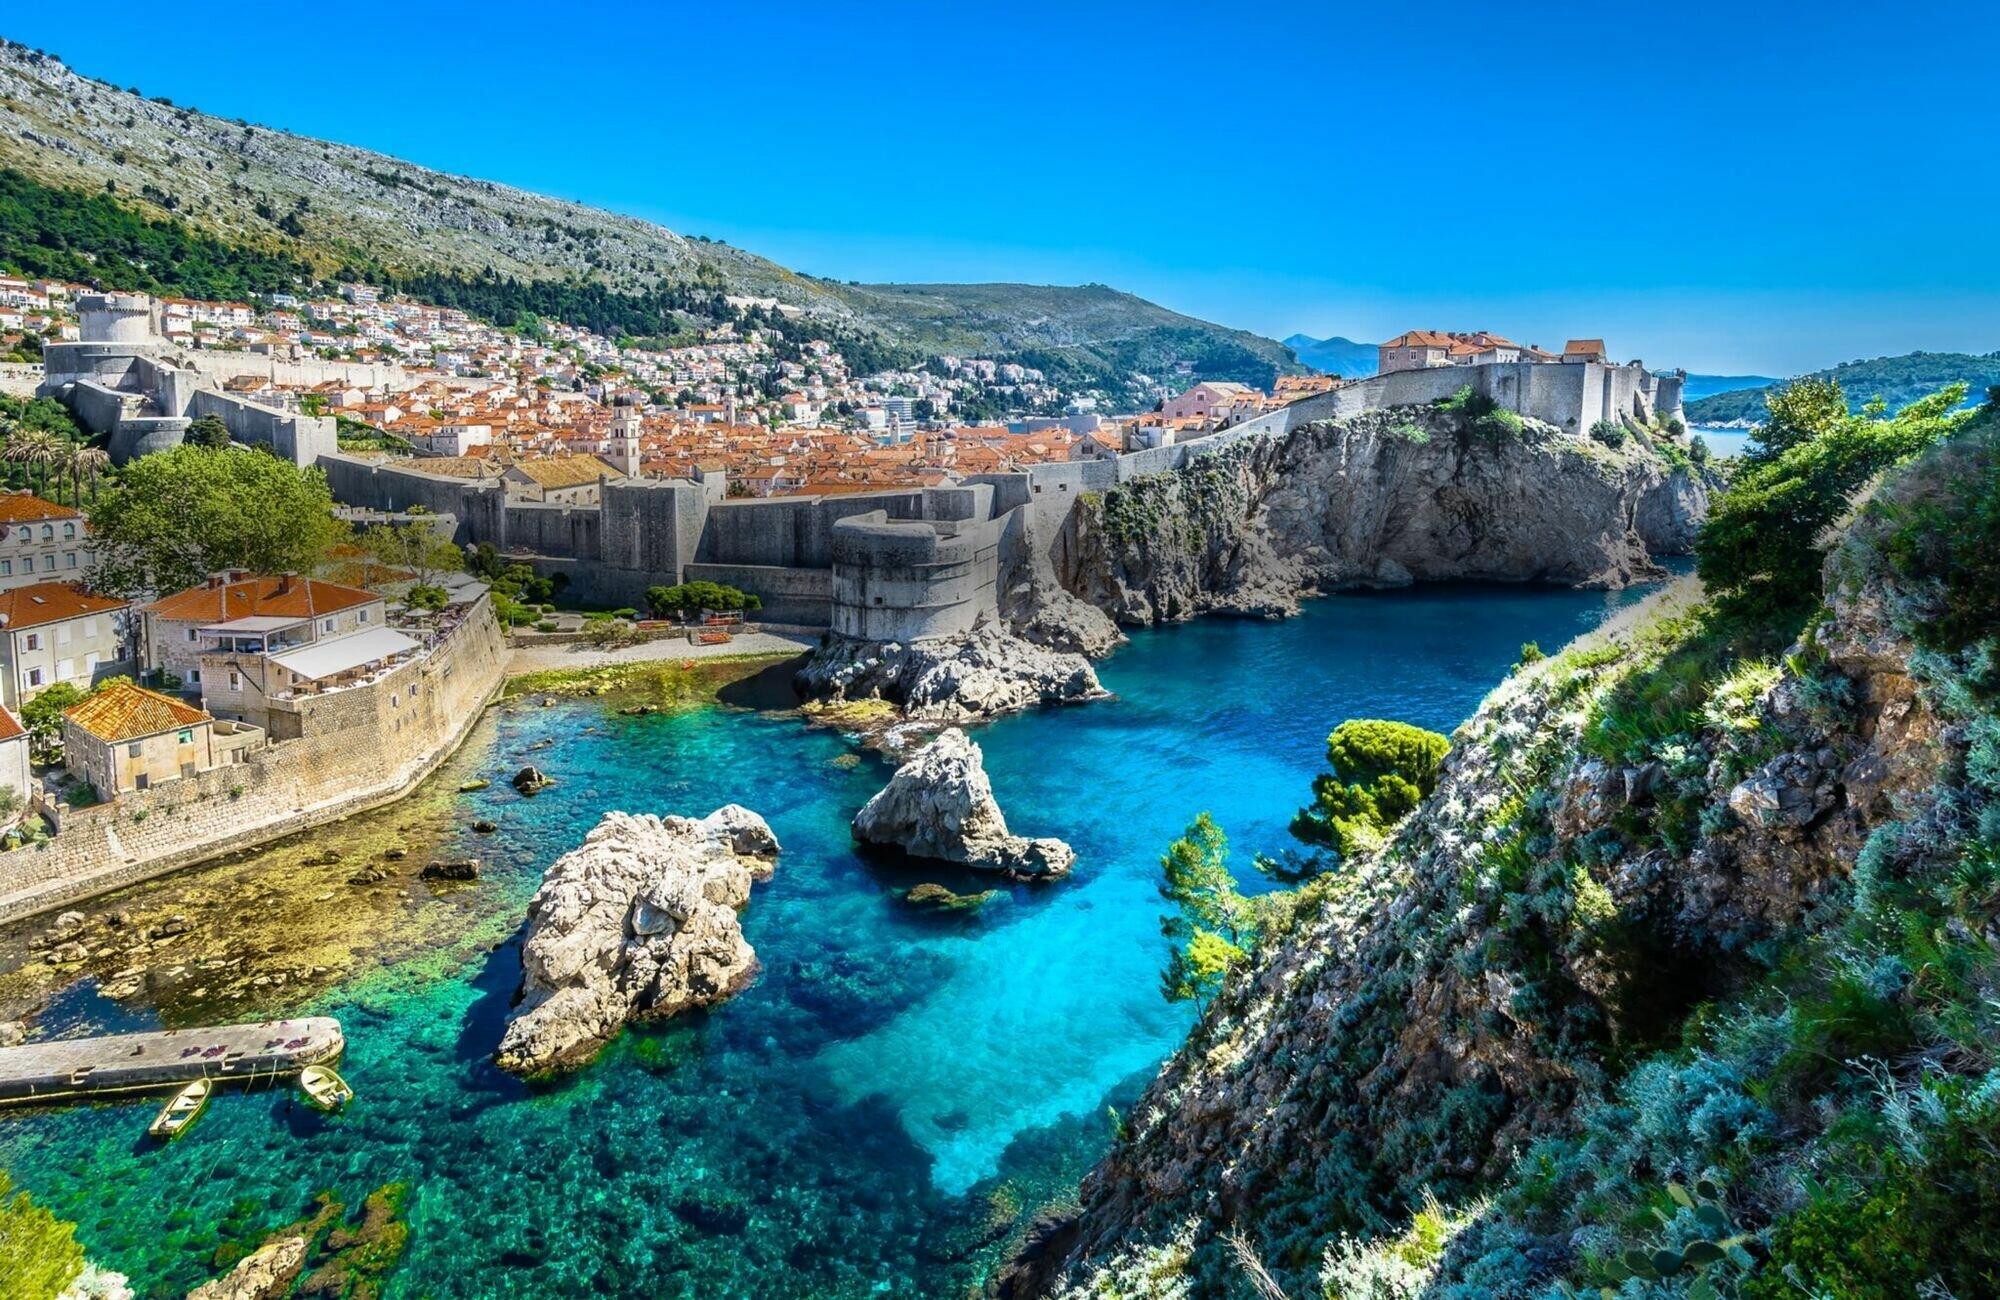 Хорватия вошла в топ-5 лучших стран с чистейшим морем